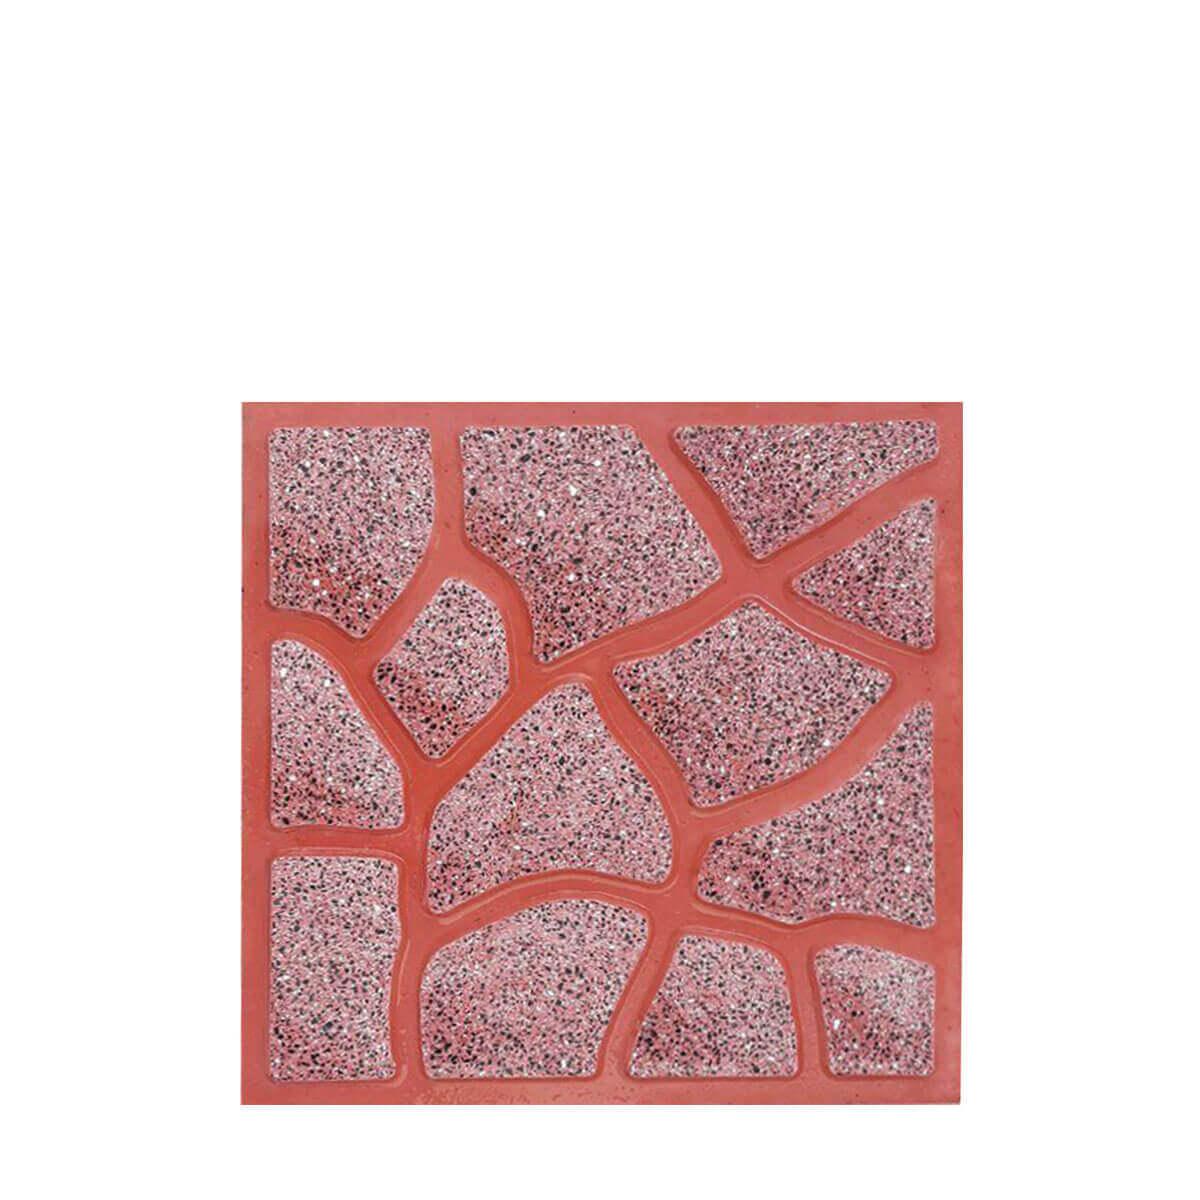 موزاییک حیاطی صخره ای گرانیتی